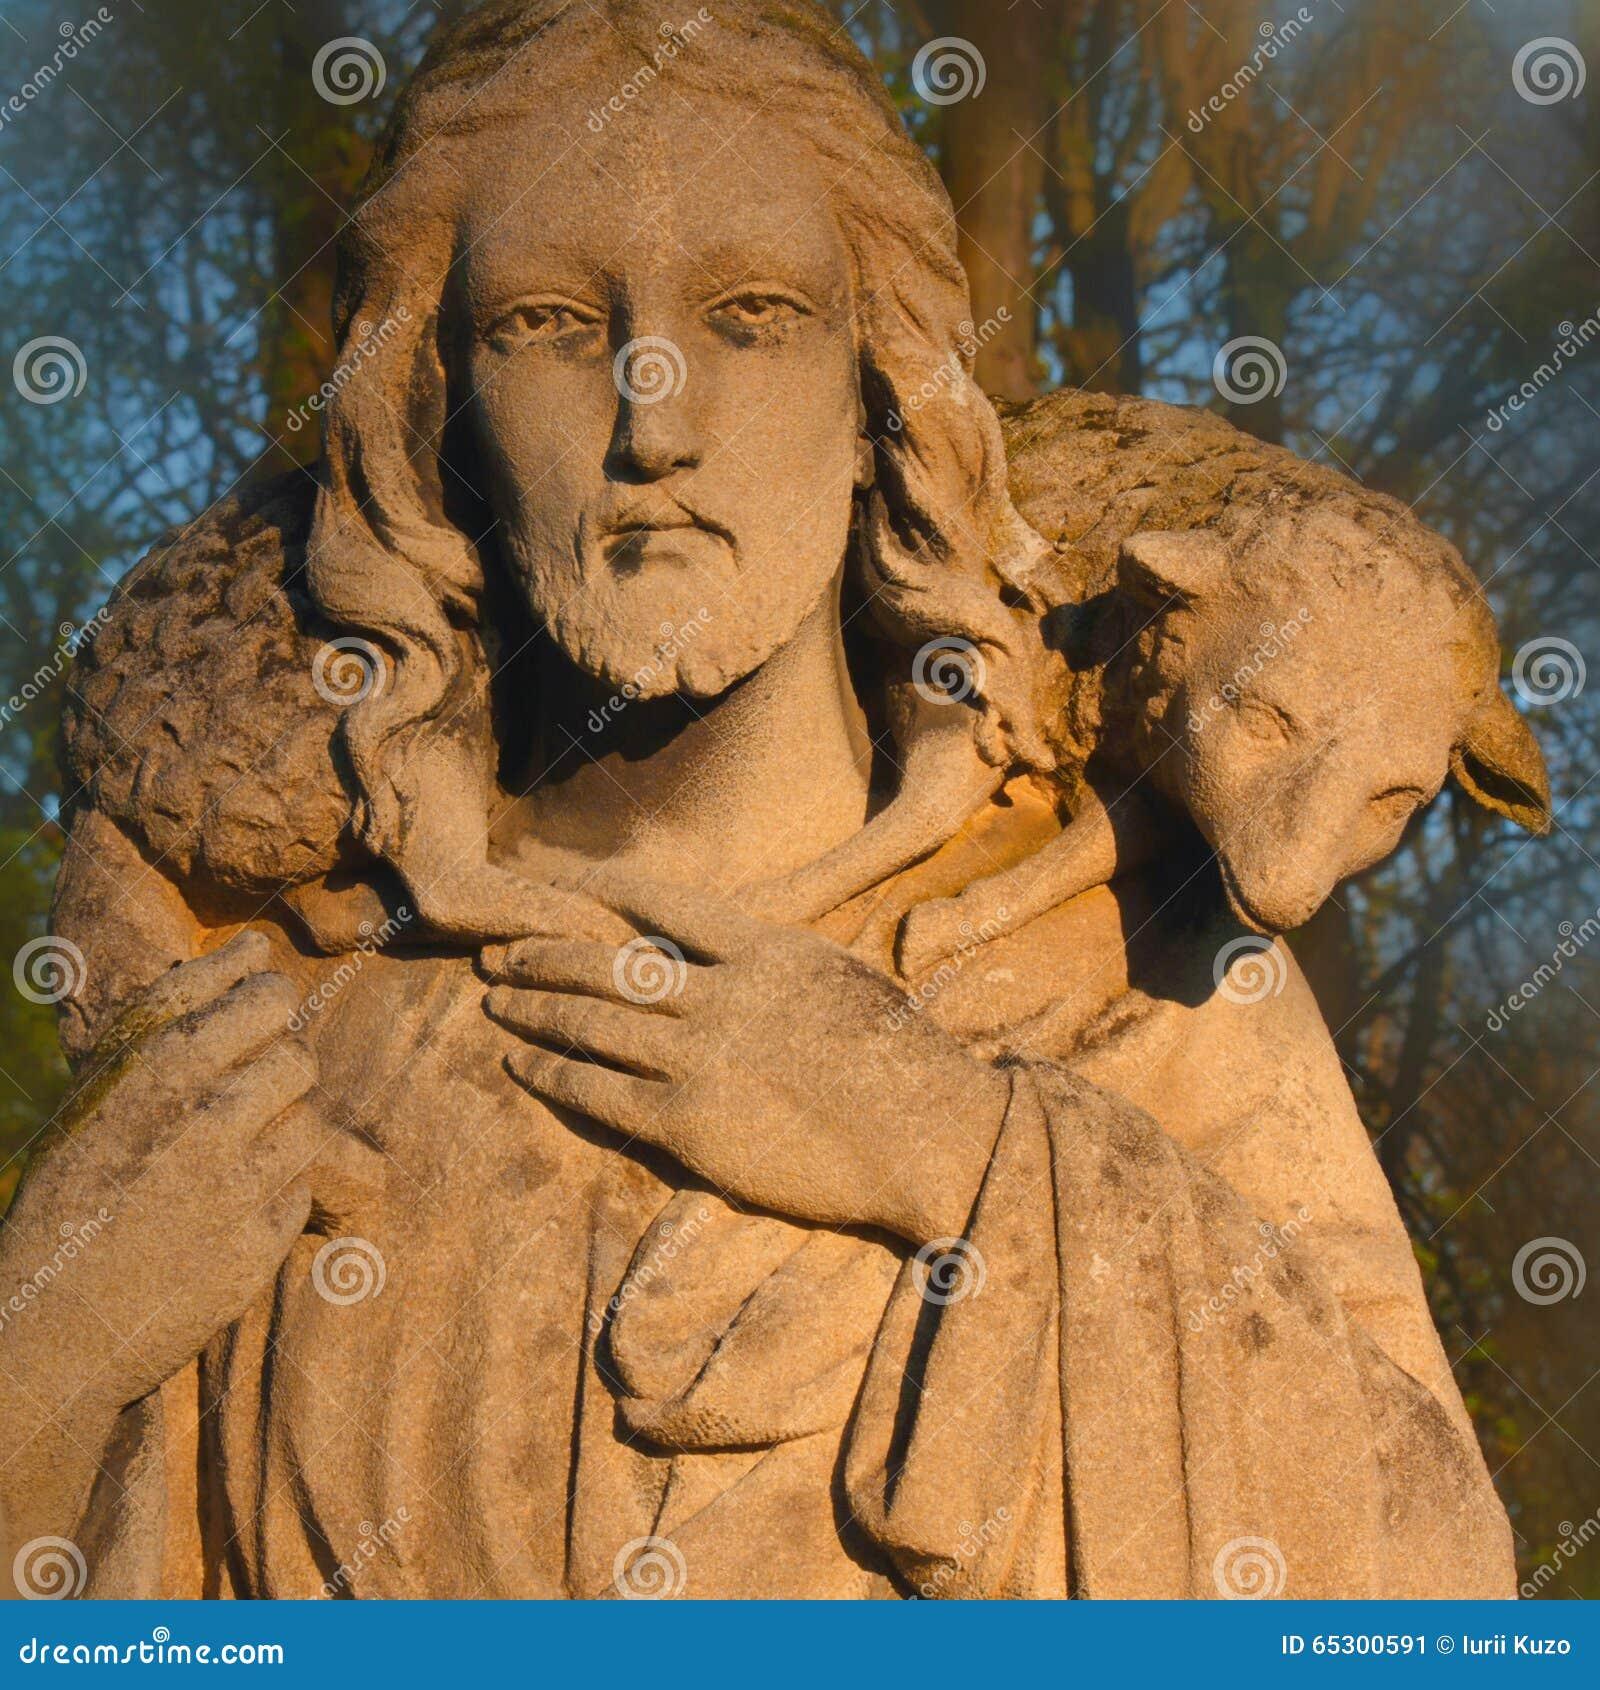 Jesus Christ - bom pastor